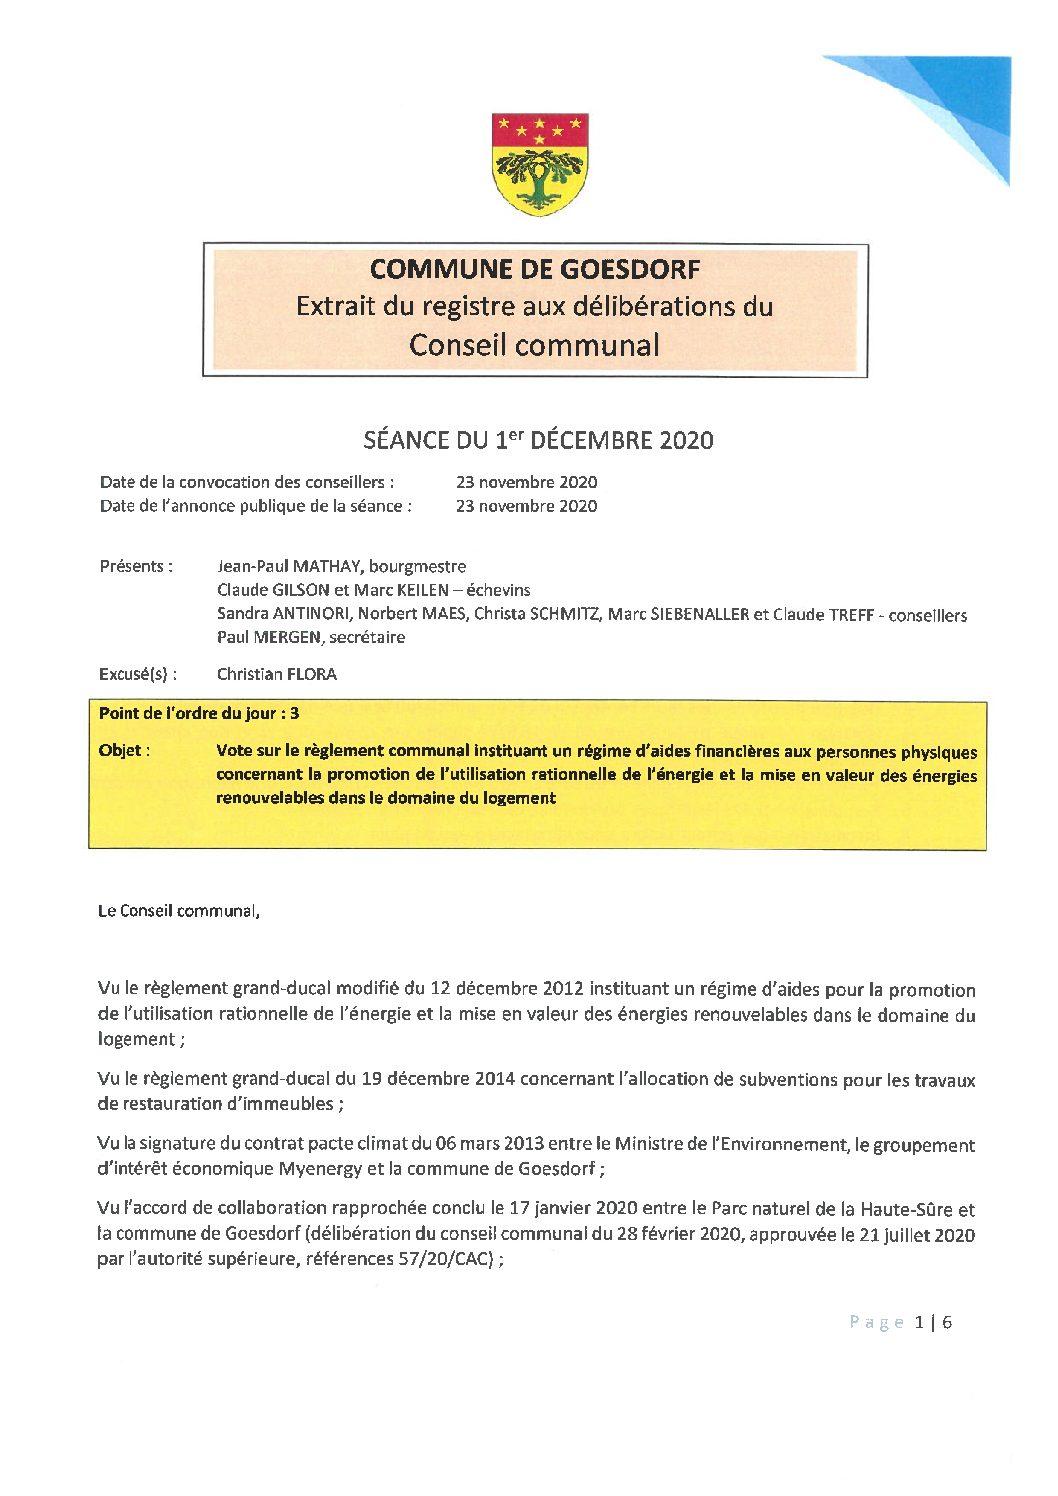 Règlement instituant des aides financières concernant la promotion de l'utilisation rationnelle de l'énergie et la mise en valeur des énergies renouvelables dans le domaine du logement_01.12.2020